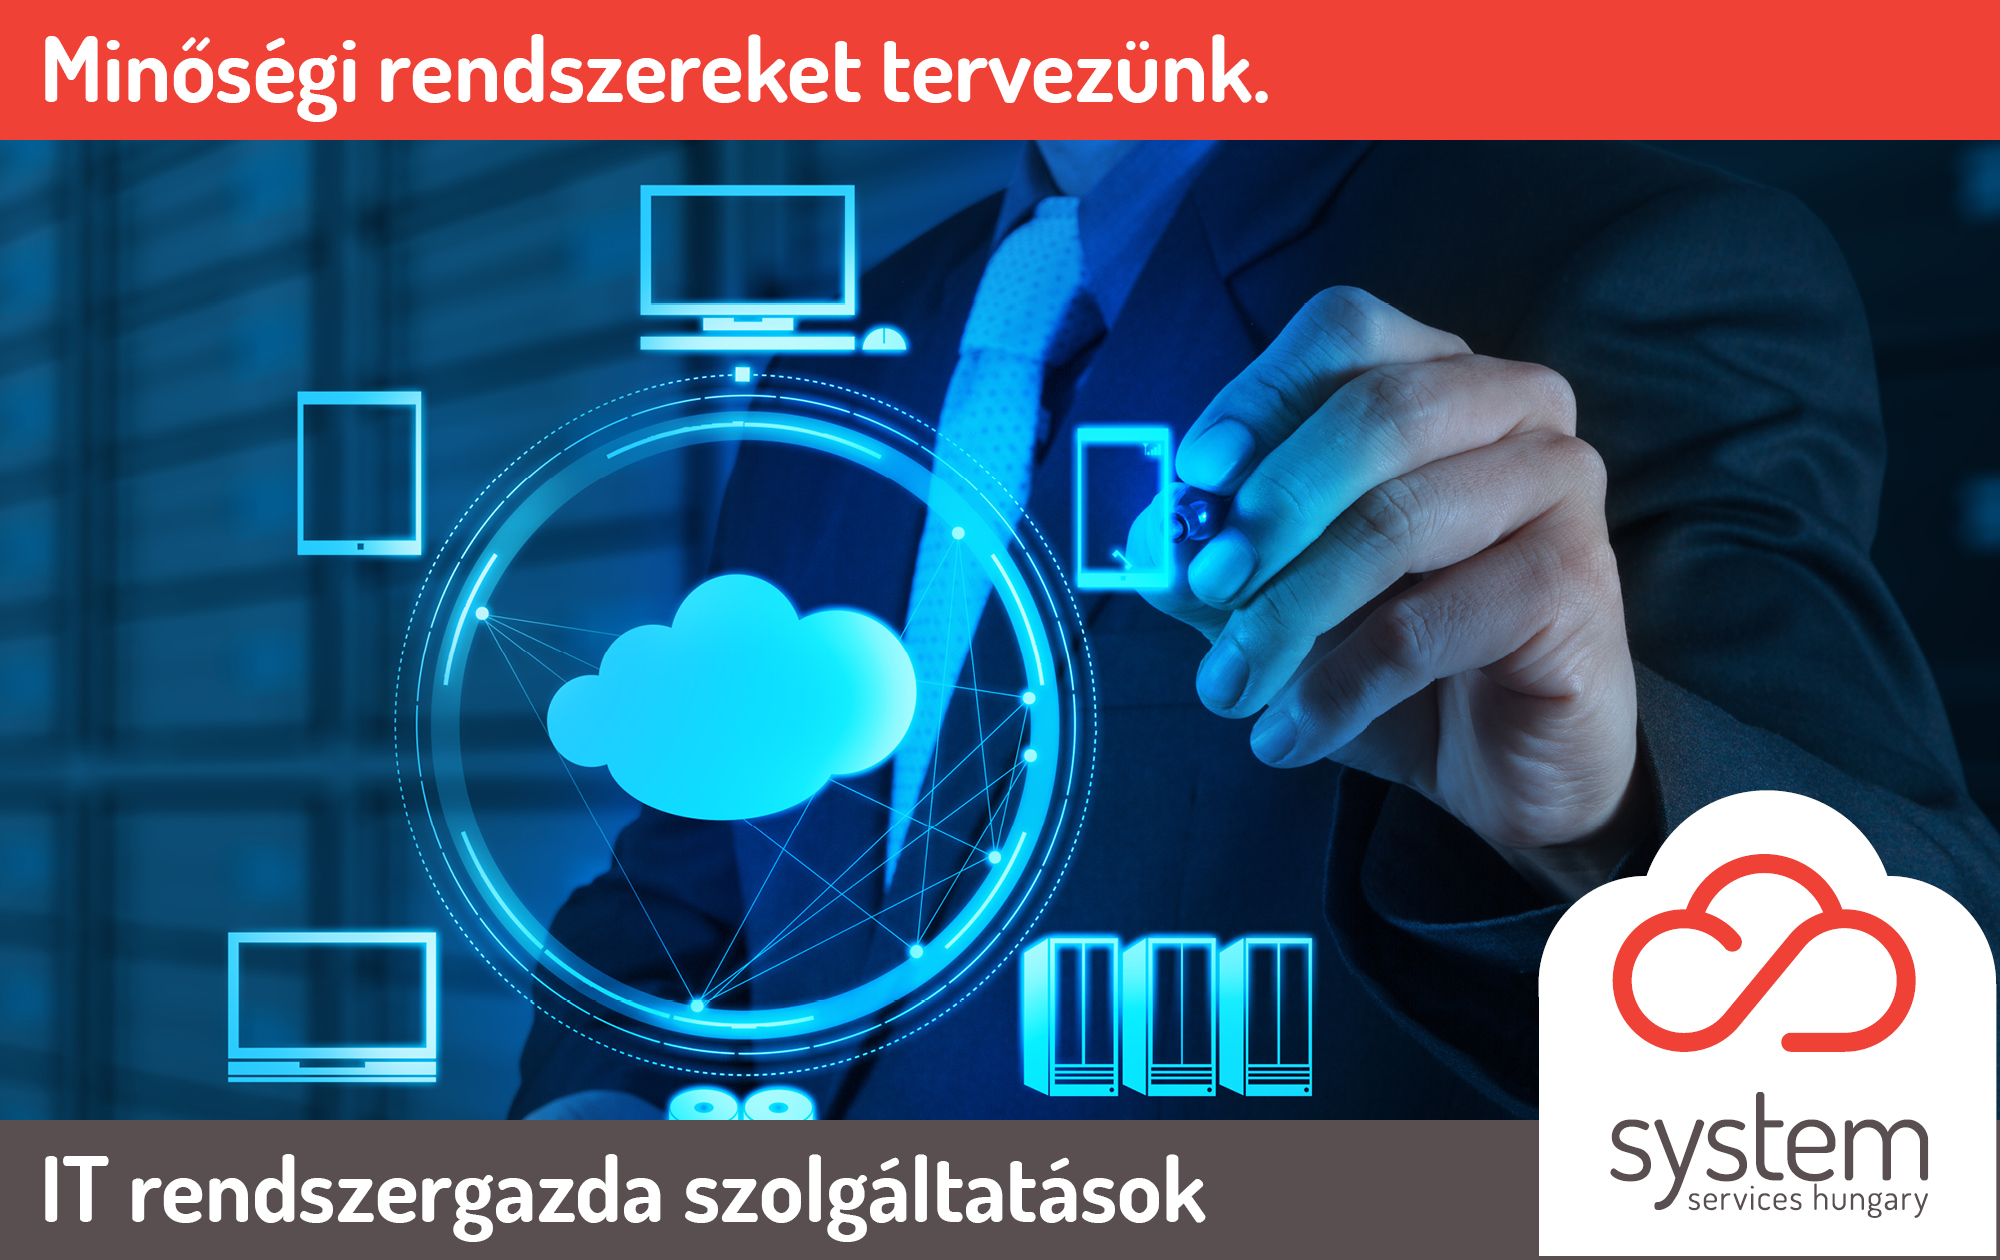 System Services Hungary - minőségi adatbiztonság és IT szolgáltatások